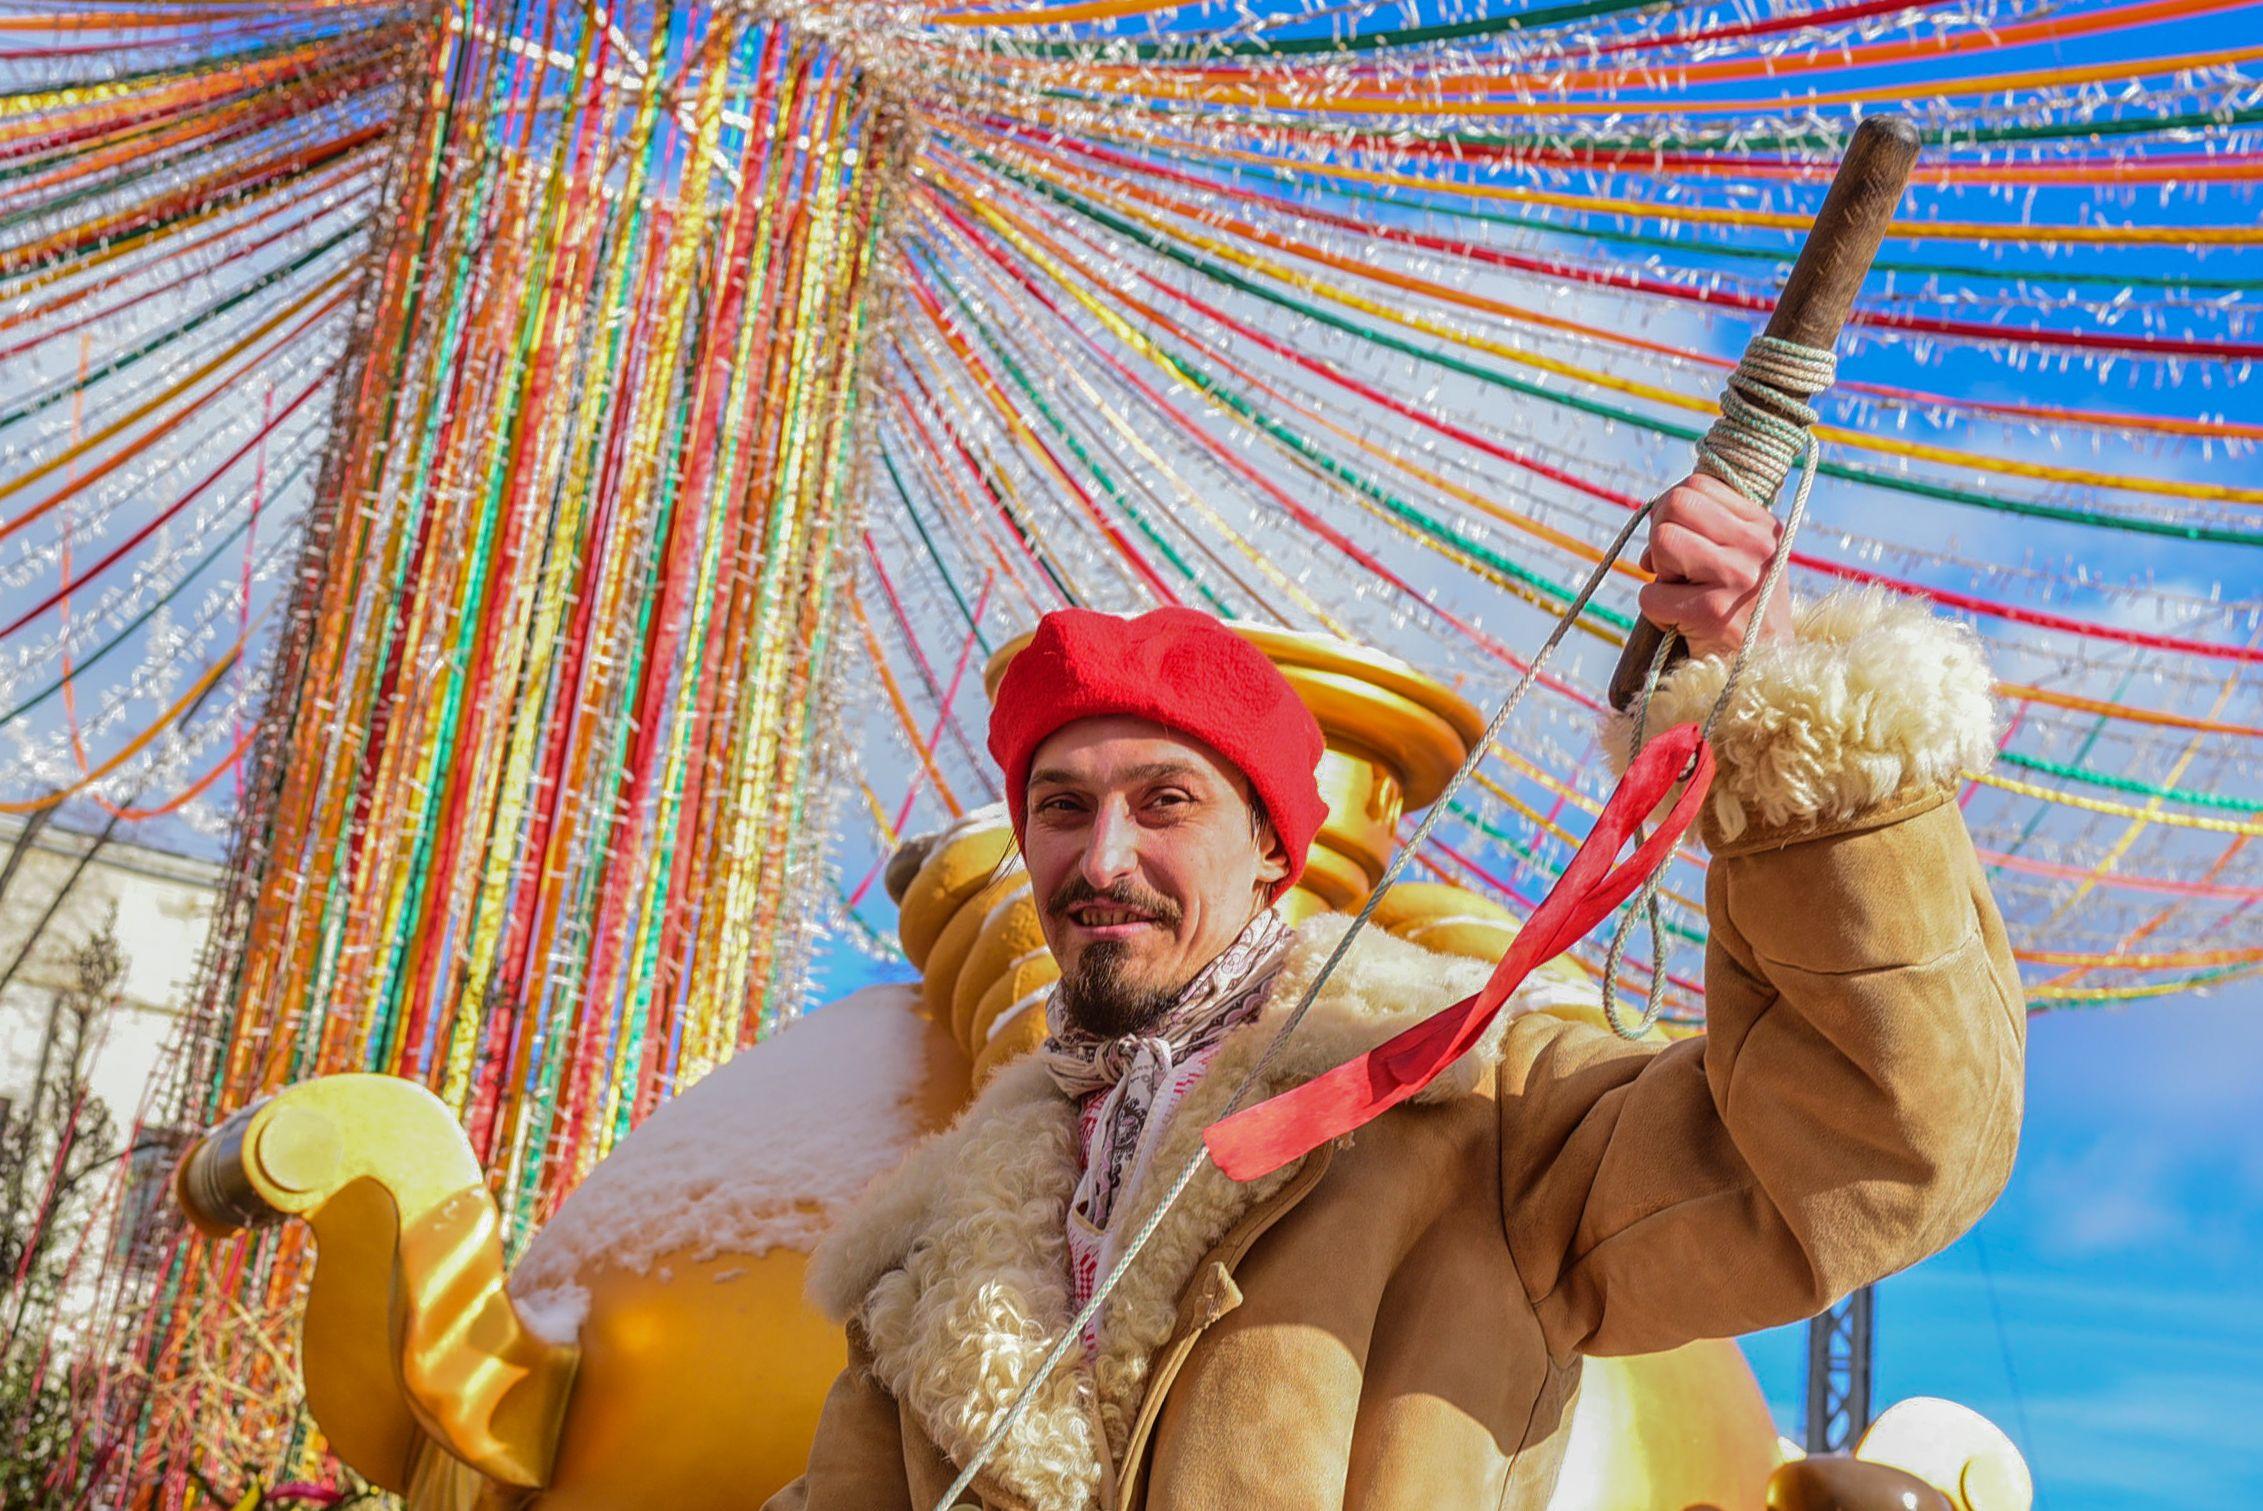 «Крымская весна» проходит на 13 площадках. Фото: Пелагия Замятина, «Вечерняя Москва»